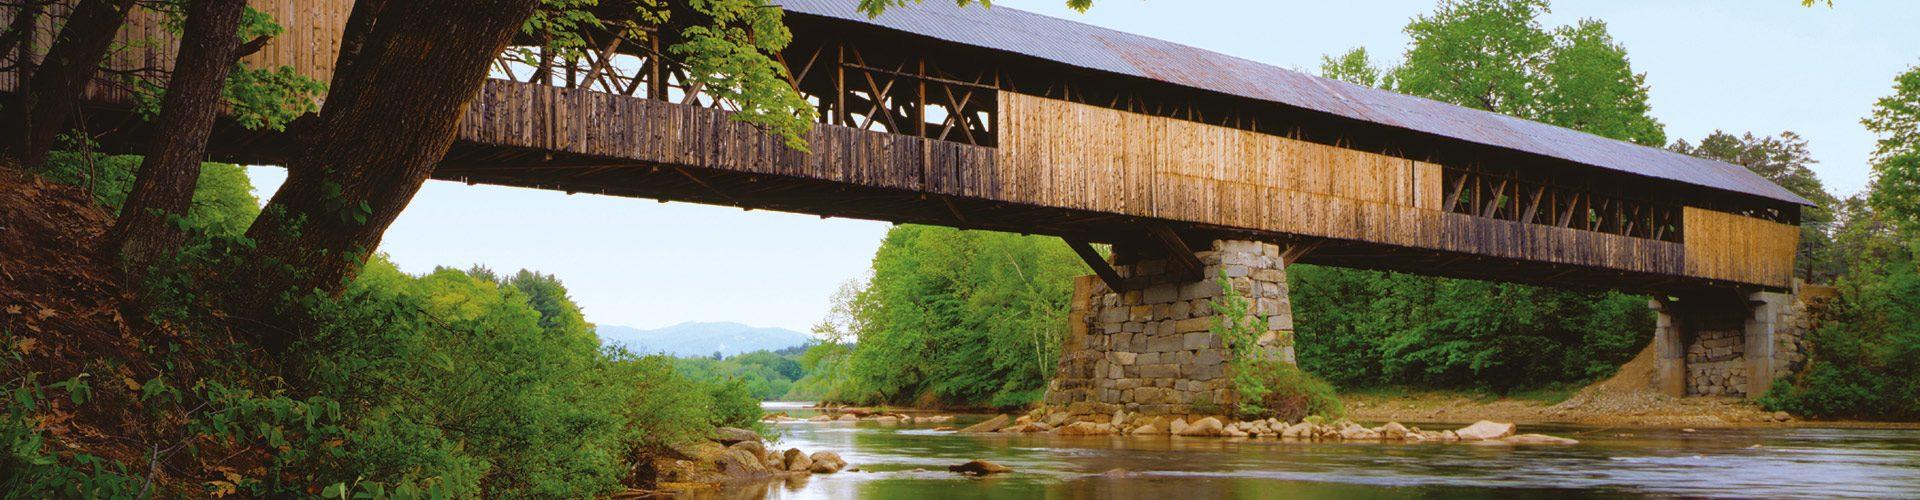 Überdachte Brücke in New Hampshire